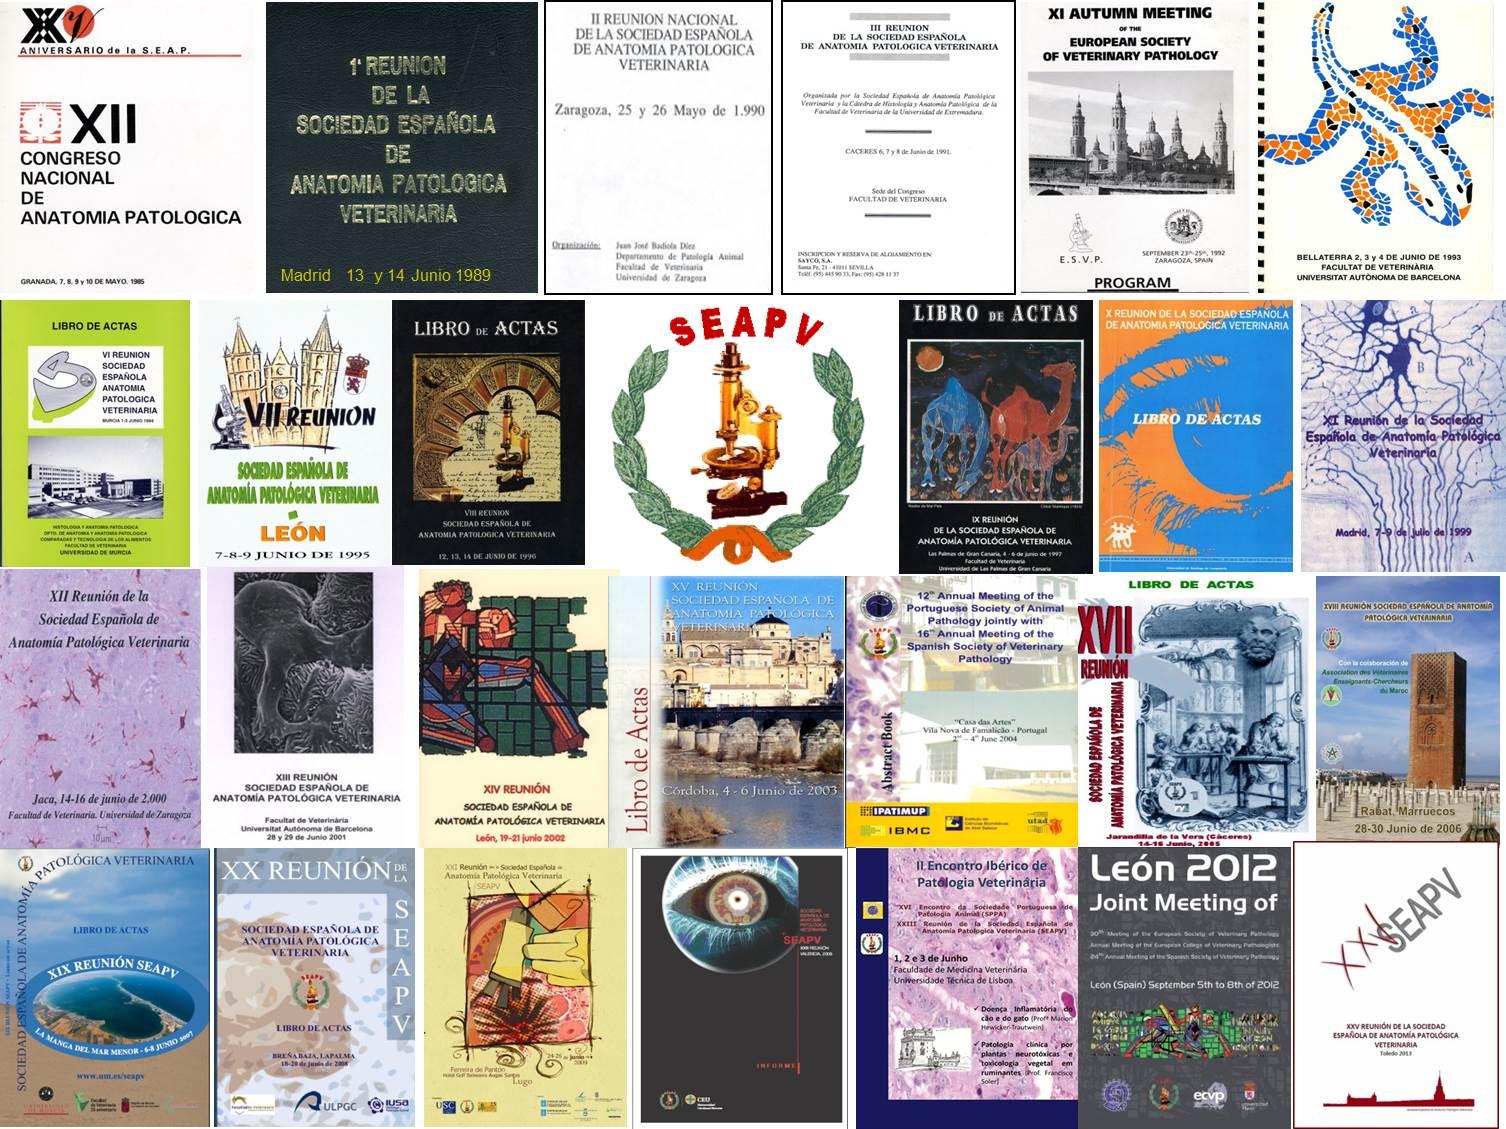 Sociedad Española de Anatomía Patológica Veterinaria